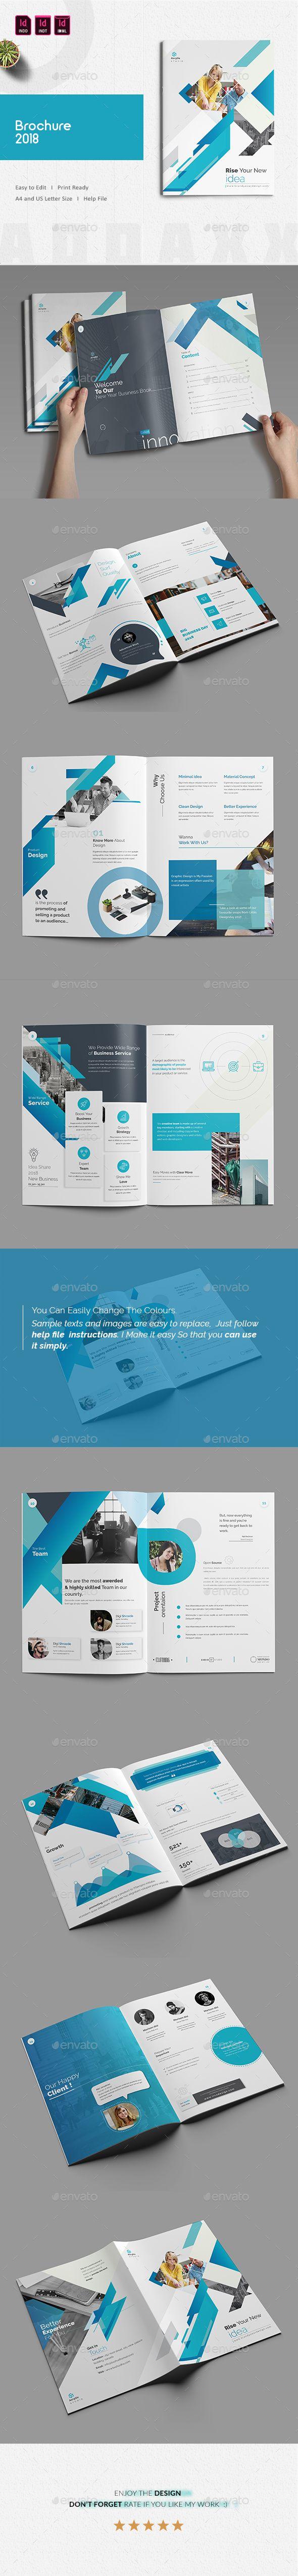 Brochure 2018 | Arte gráfico, Diseño editorial y Revistas